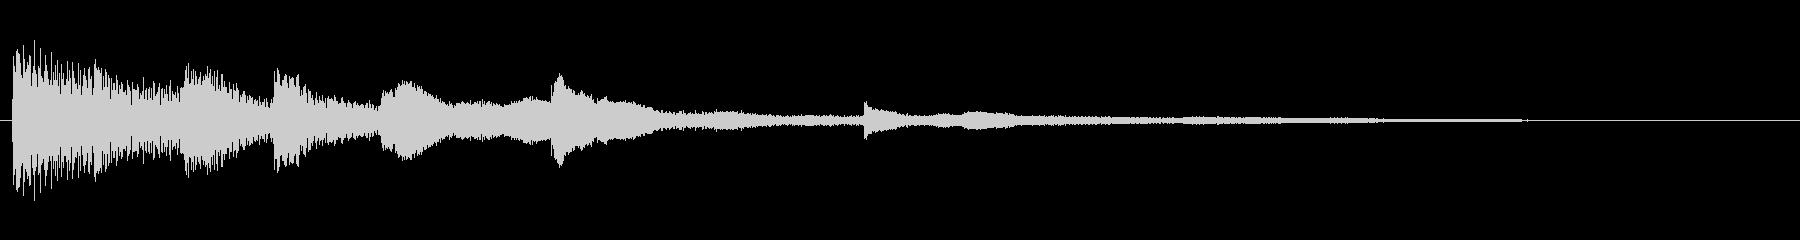 ピアノソロによる起動音 アプリ 車の未再生の波形